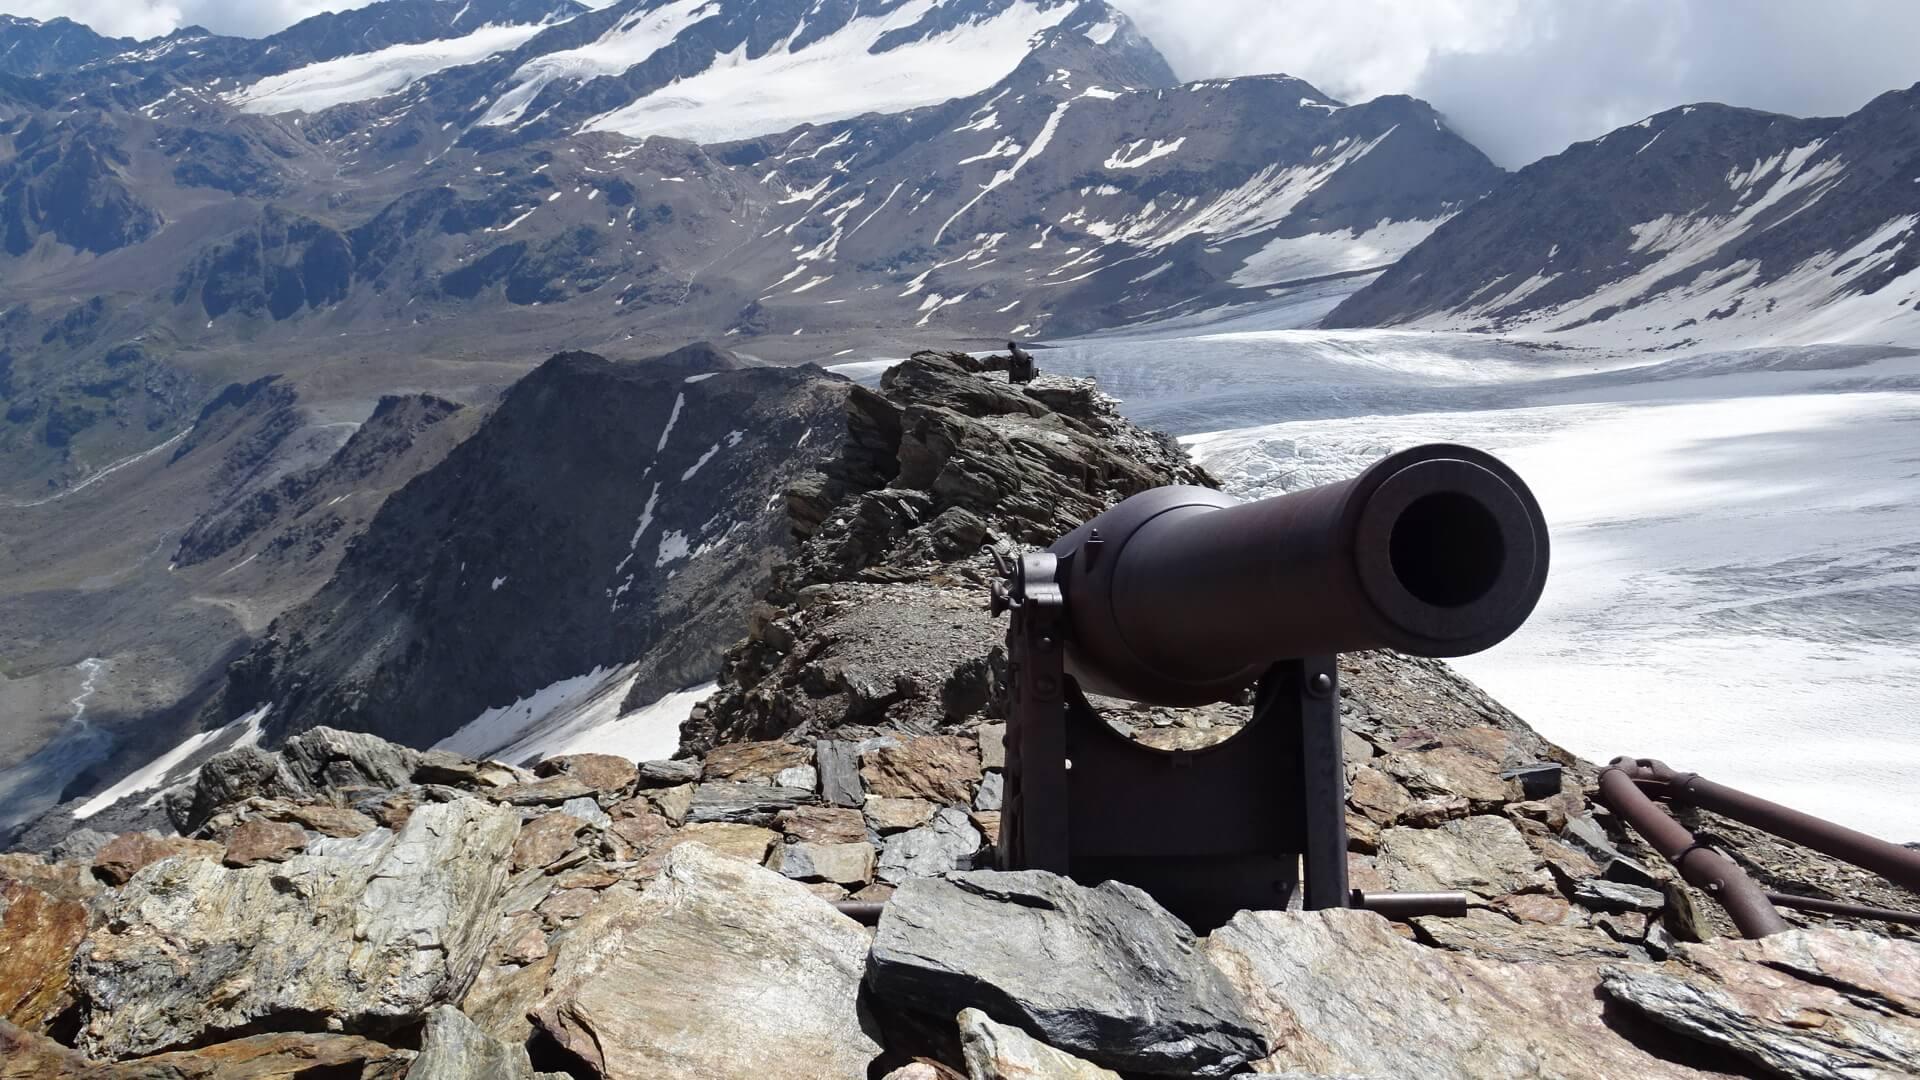 Cevedale - Drei Kanonen - DAV Summit Club Hochtourenwoche Ortler